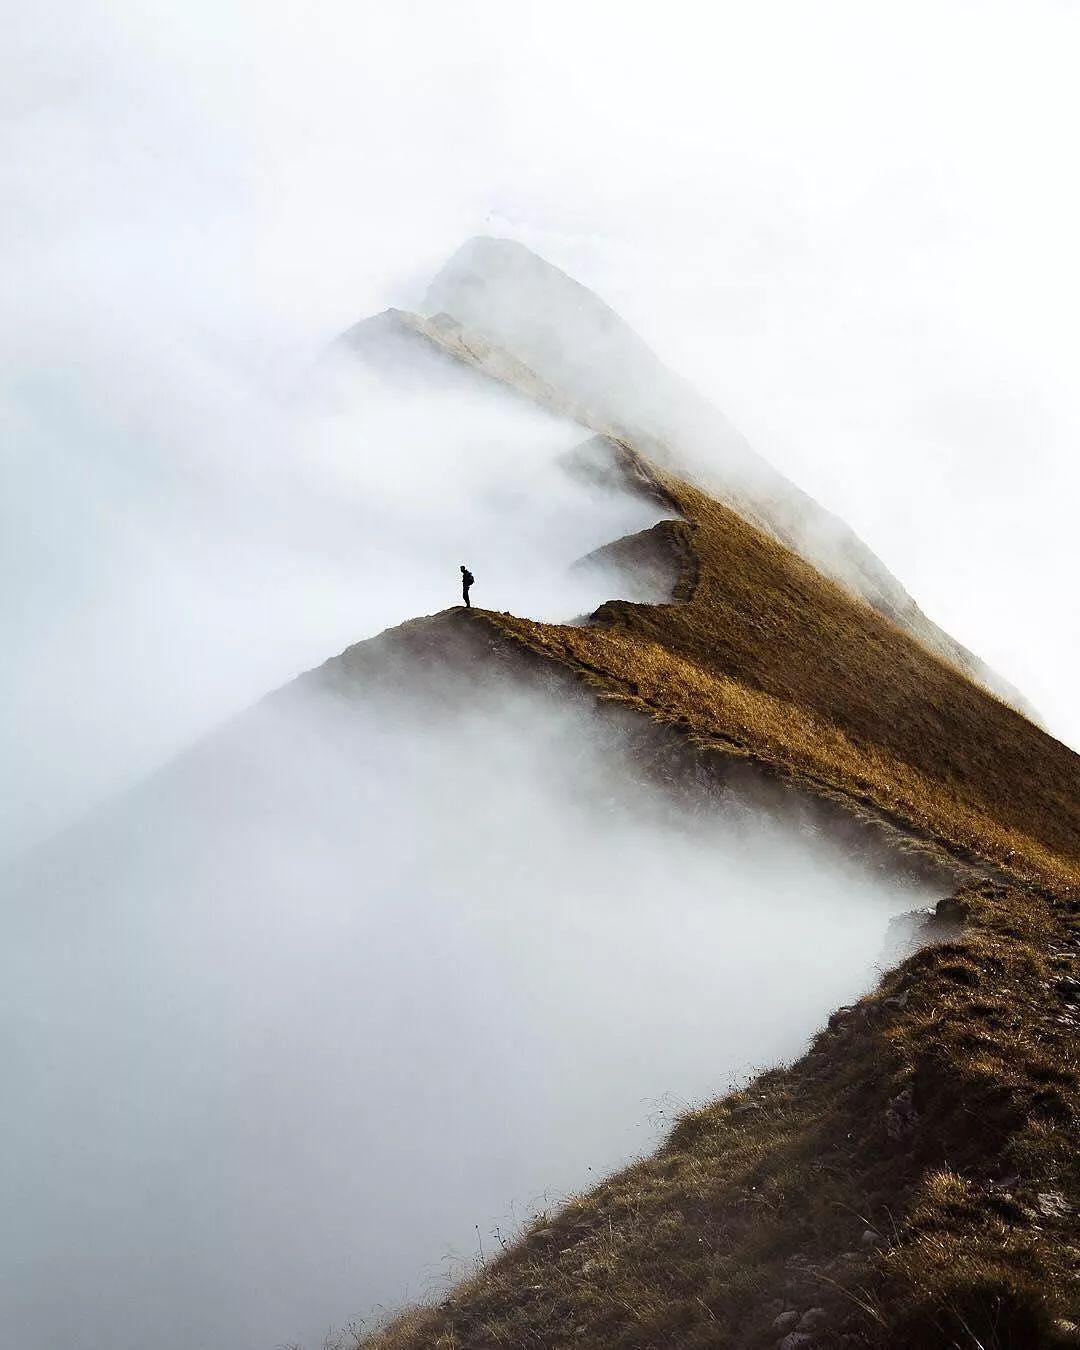 [摄影]越简单越高级 - 这才是构图的最高境界!